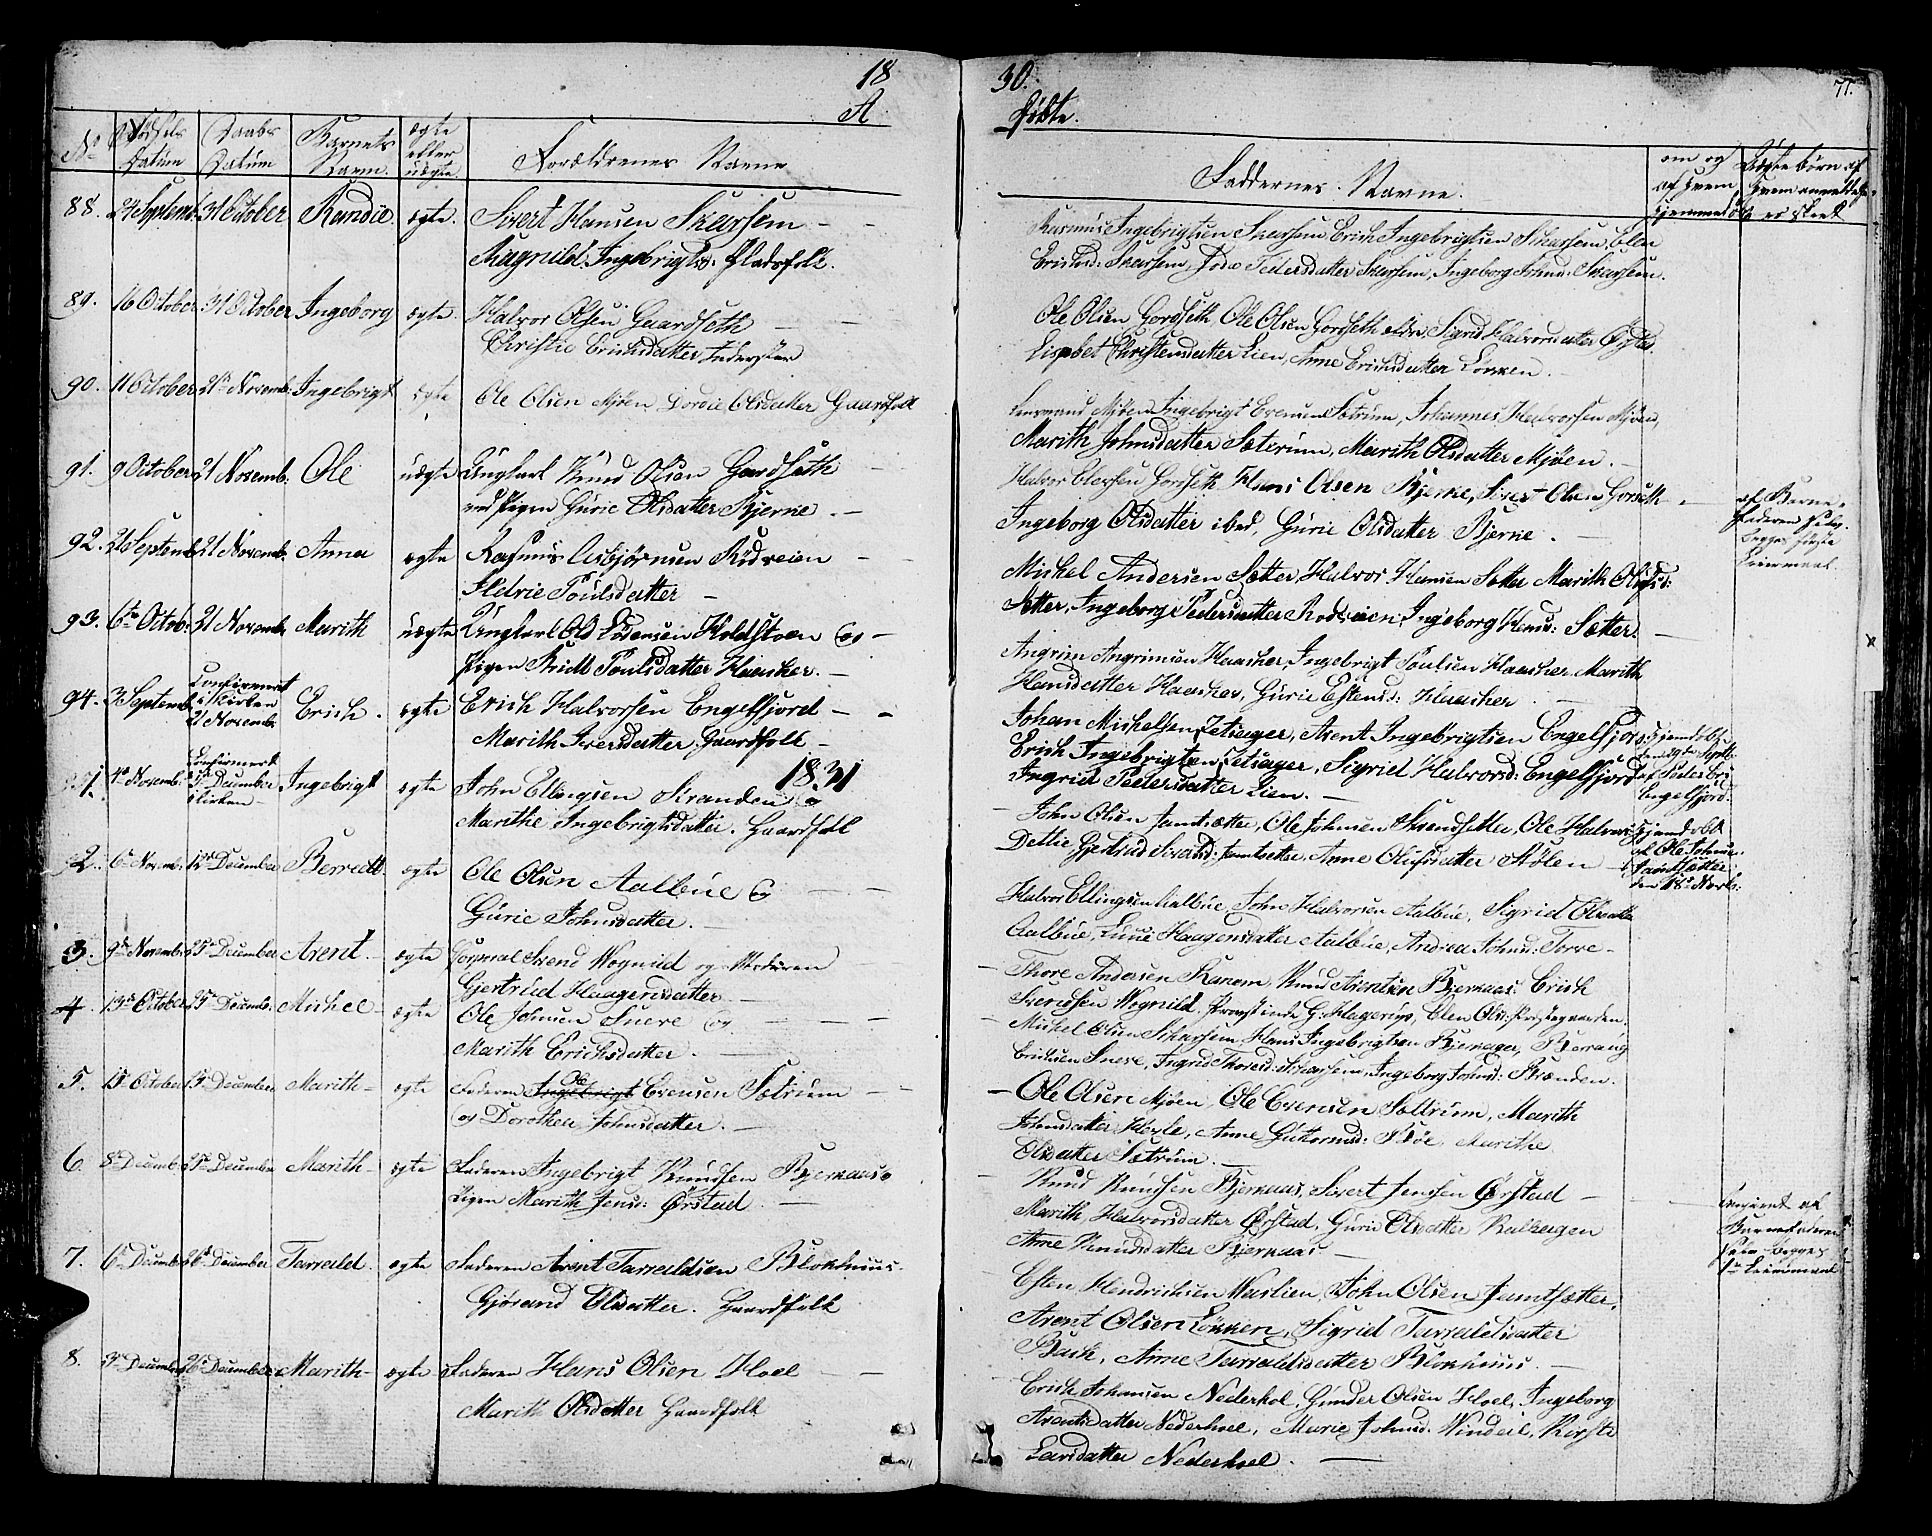 SAT, Ministerialprotokoller, klokkerbøker og fødselsregistre - Sør-Trøndelag, 678/L0897: Ministerialbok nr. 678A06-07, 1821-1847, s. 71